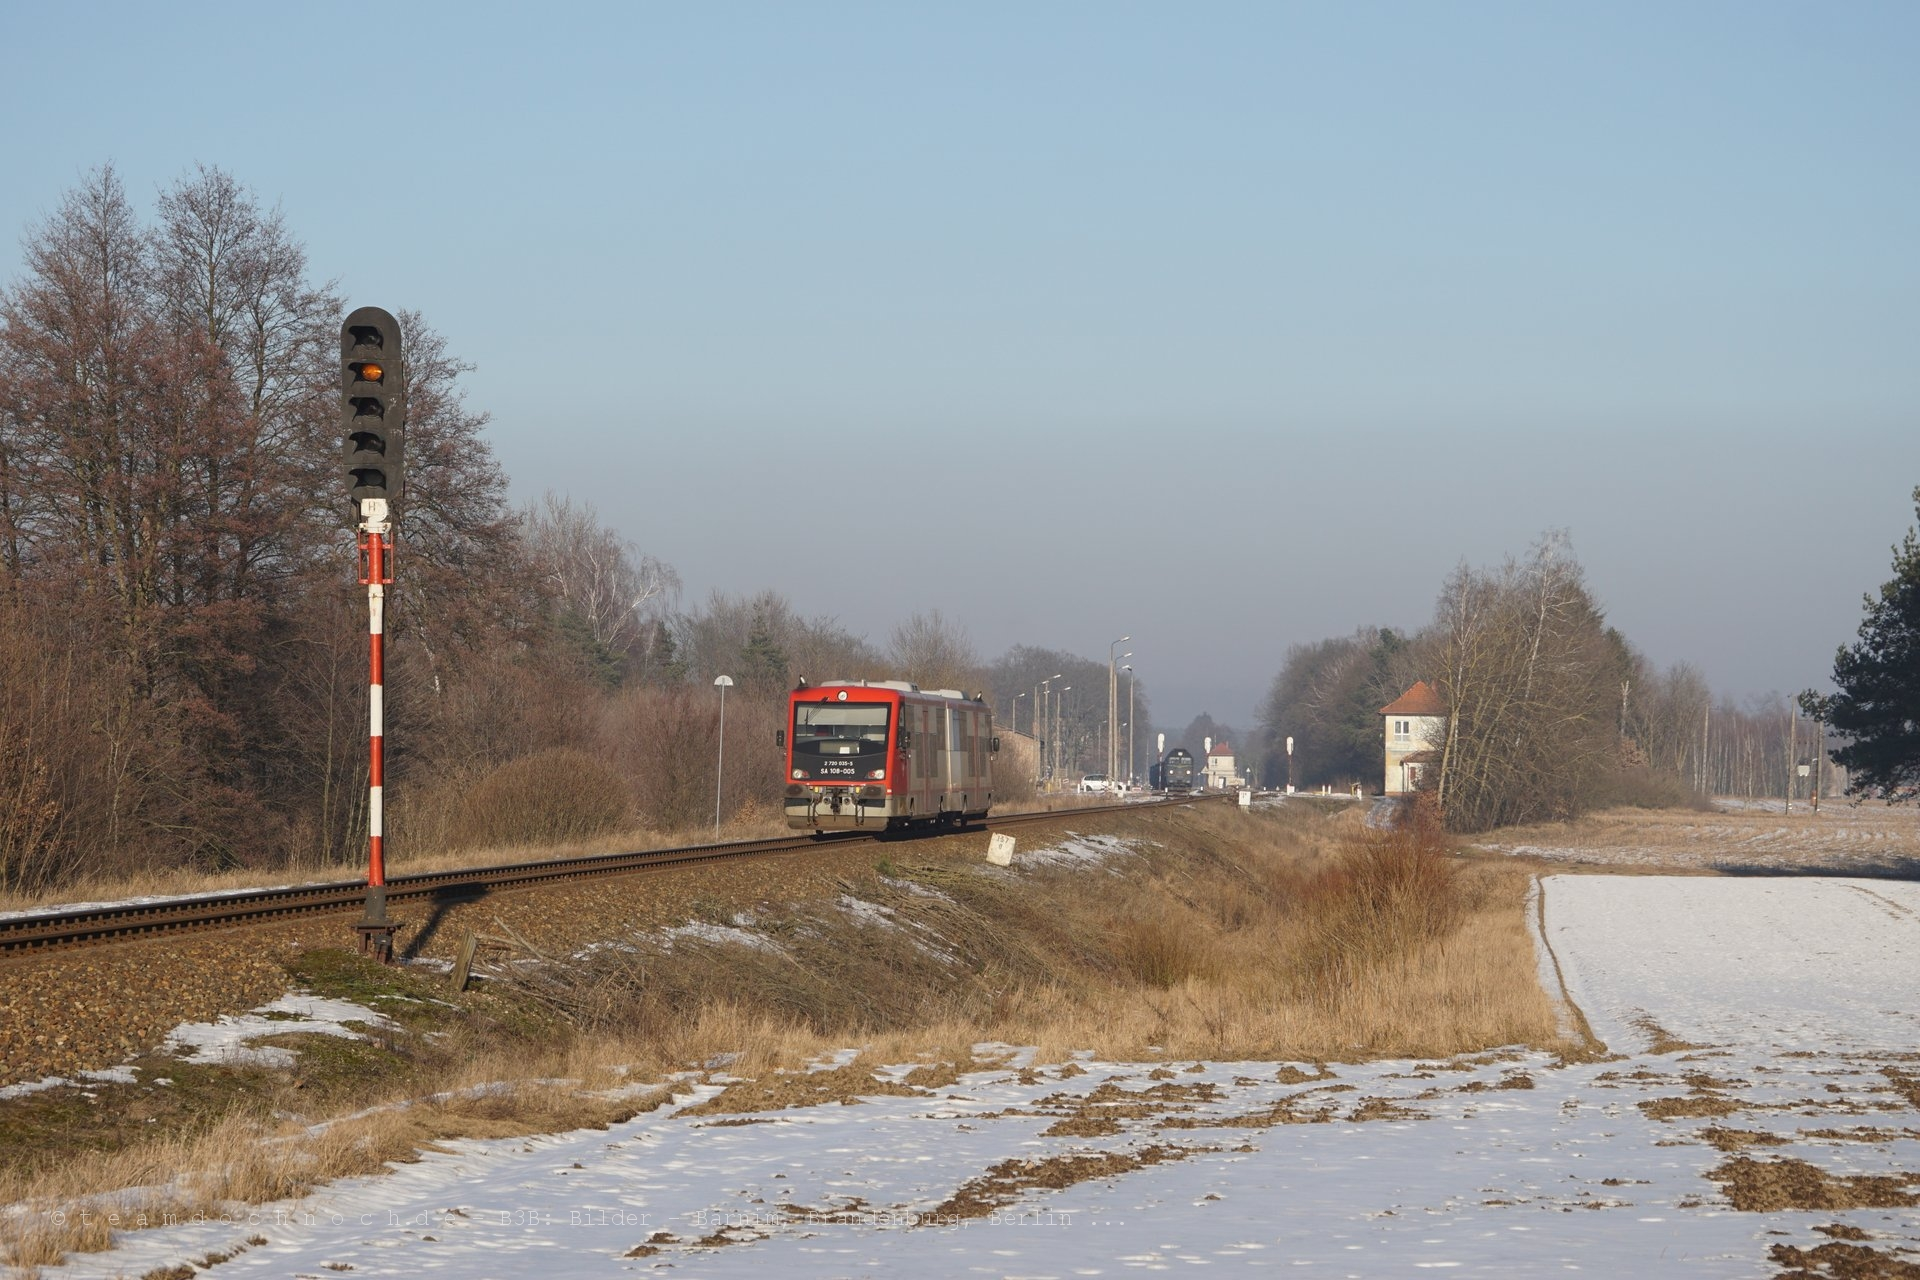 Einfahrt eines SA108 in den Bahnhof von Krajenka